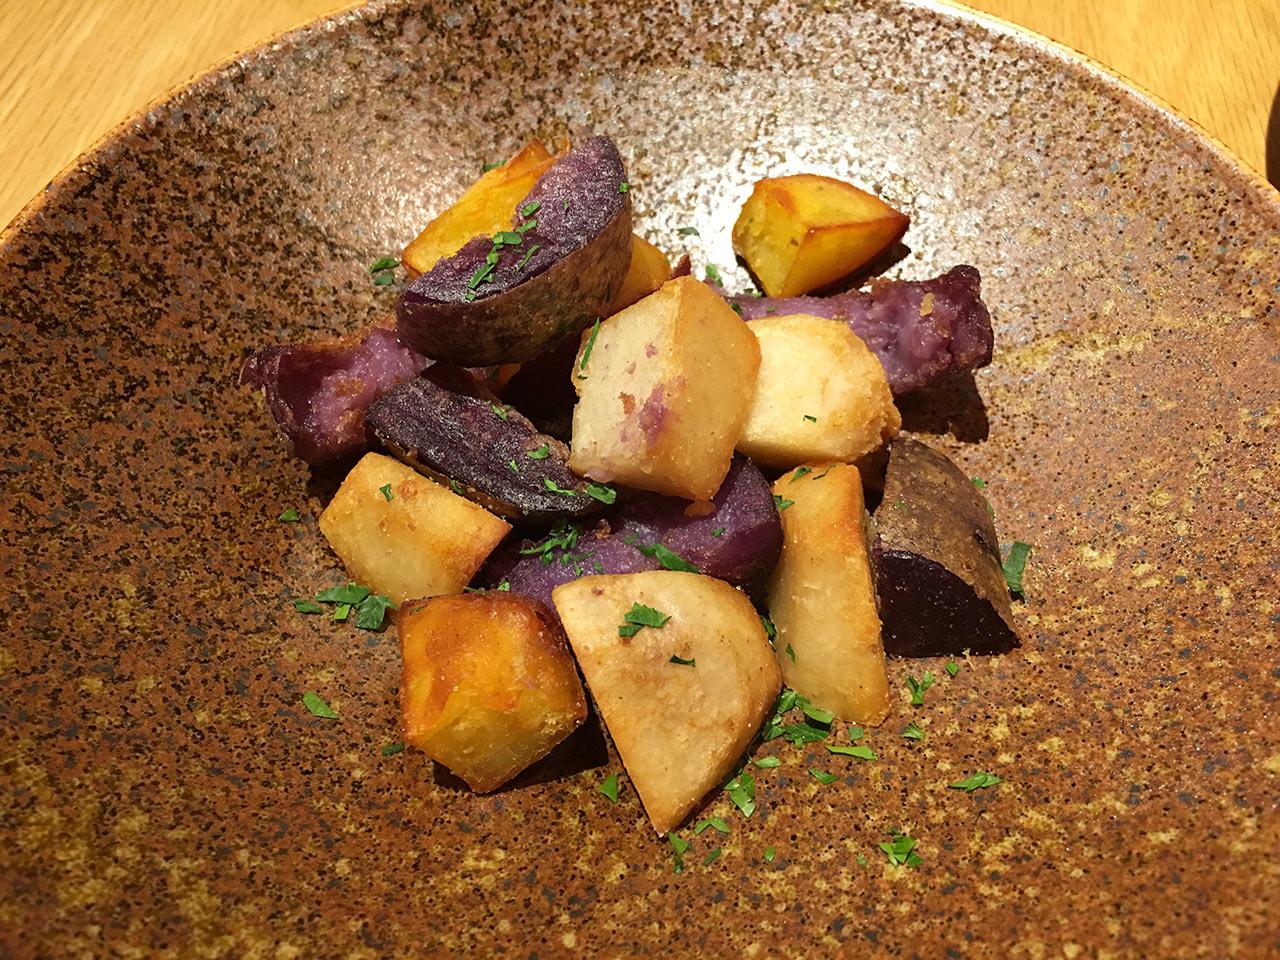 musashikoyama-ferme-201602-potato